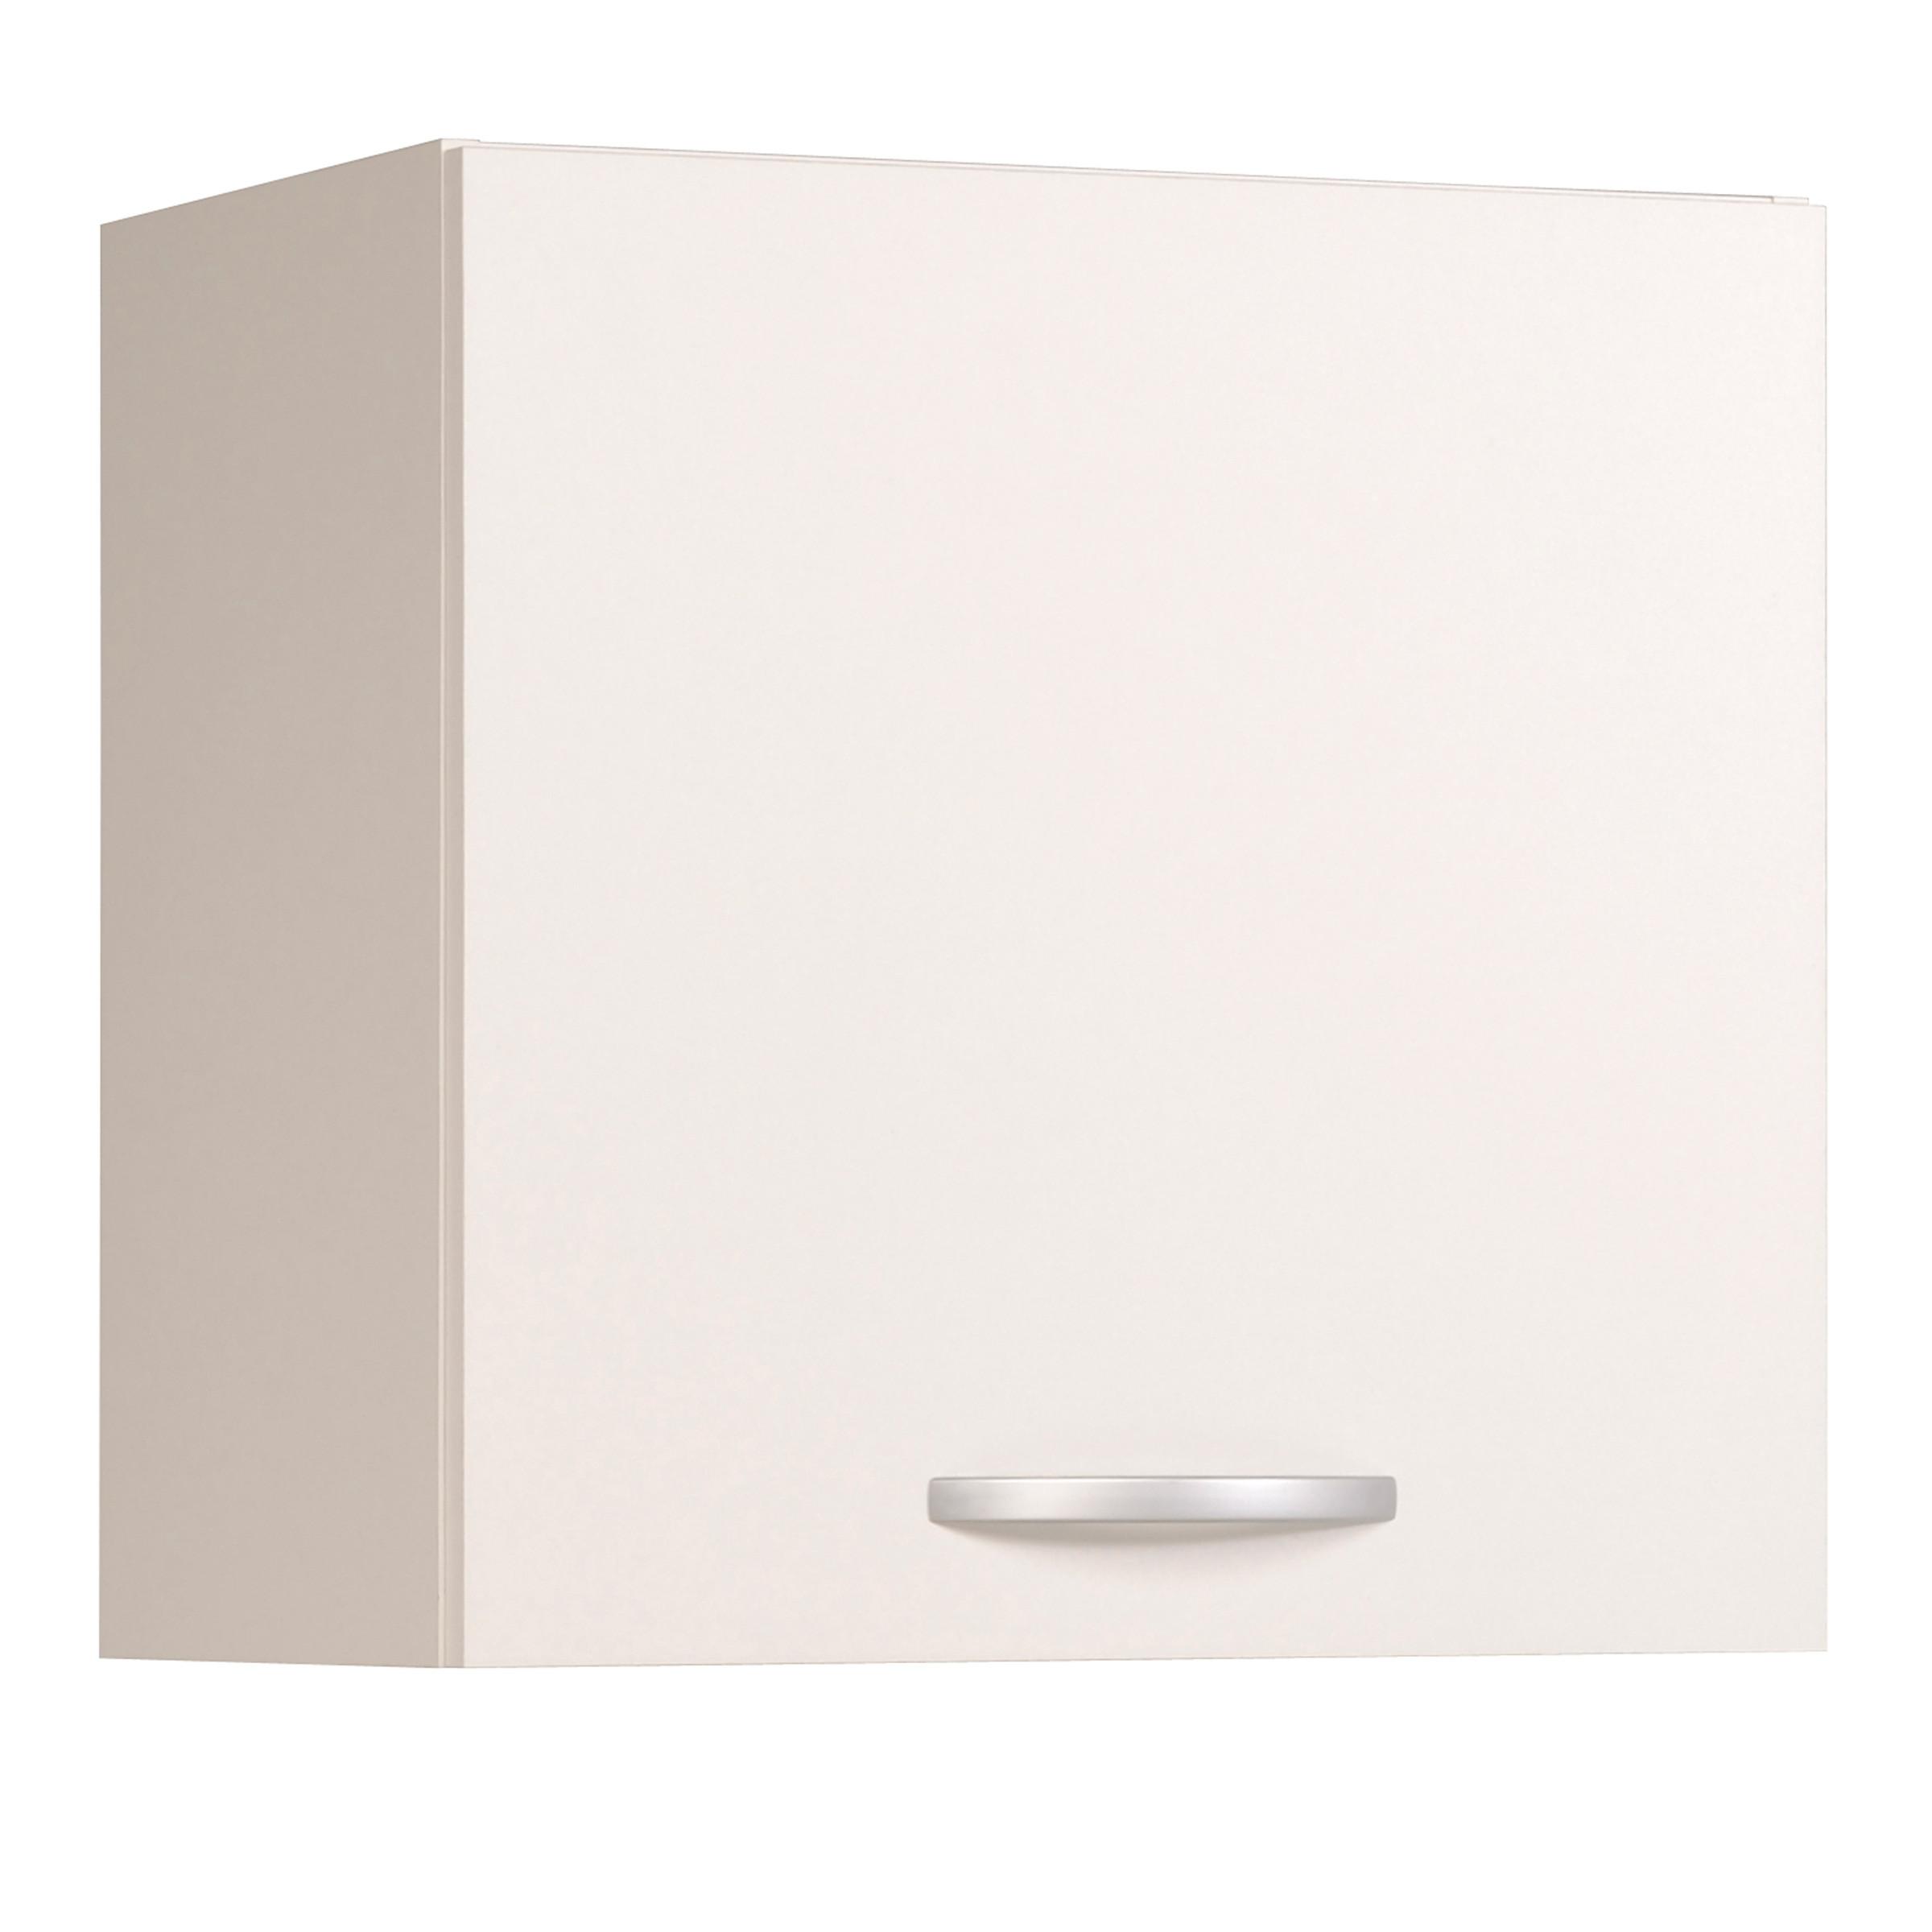 Meuble haut de cuisine contemporain 1 porte 60 cm blanc brillant Bianco